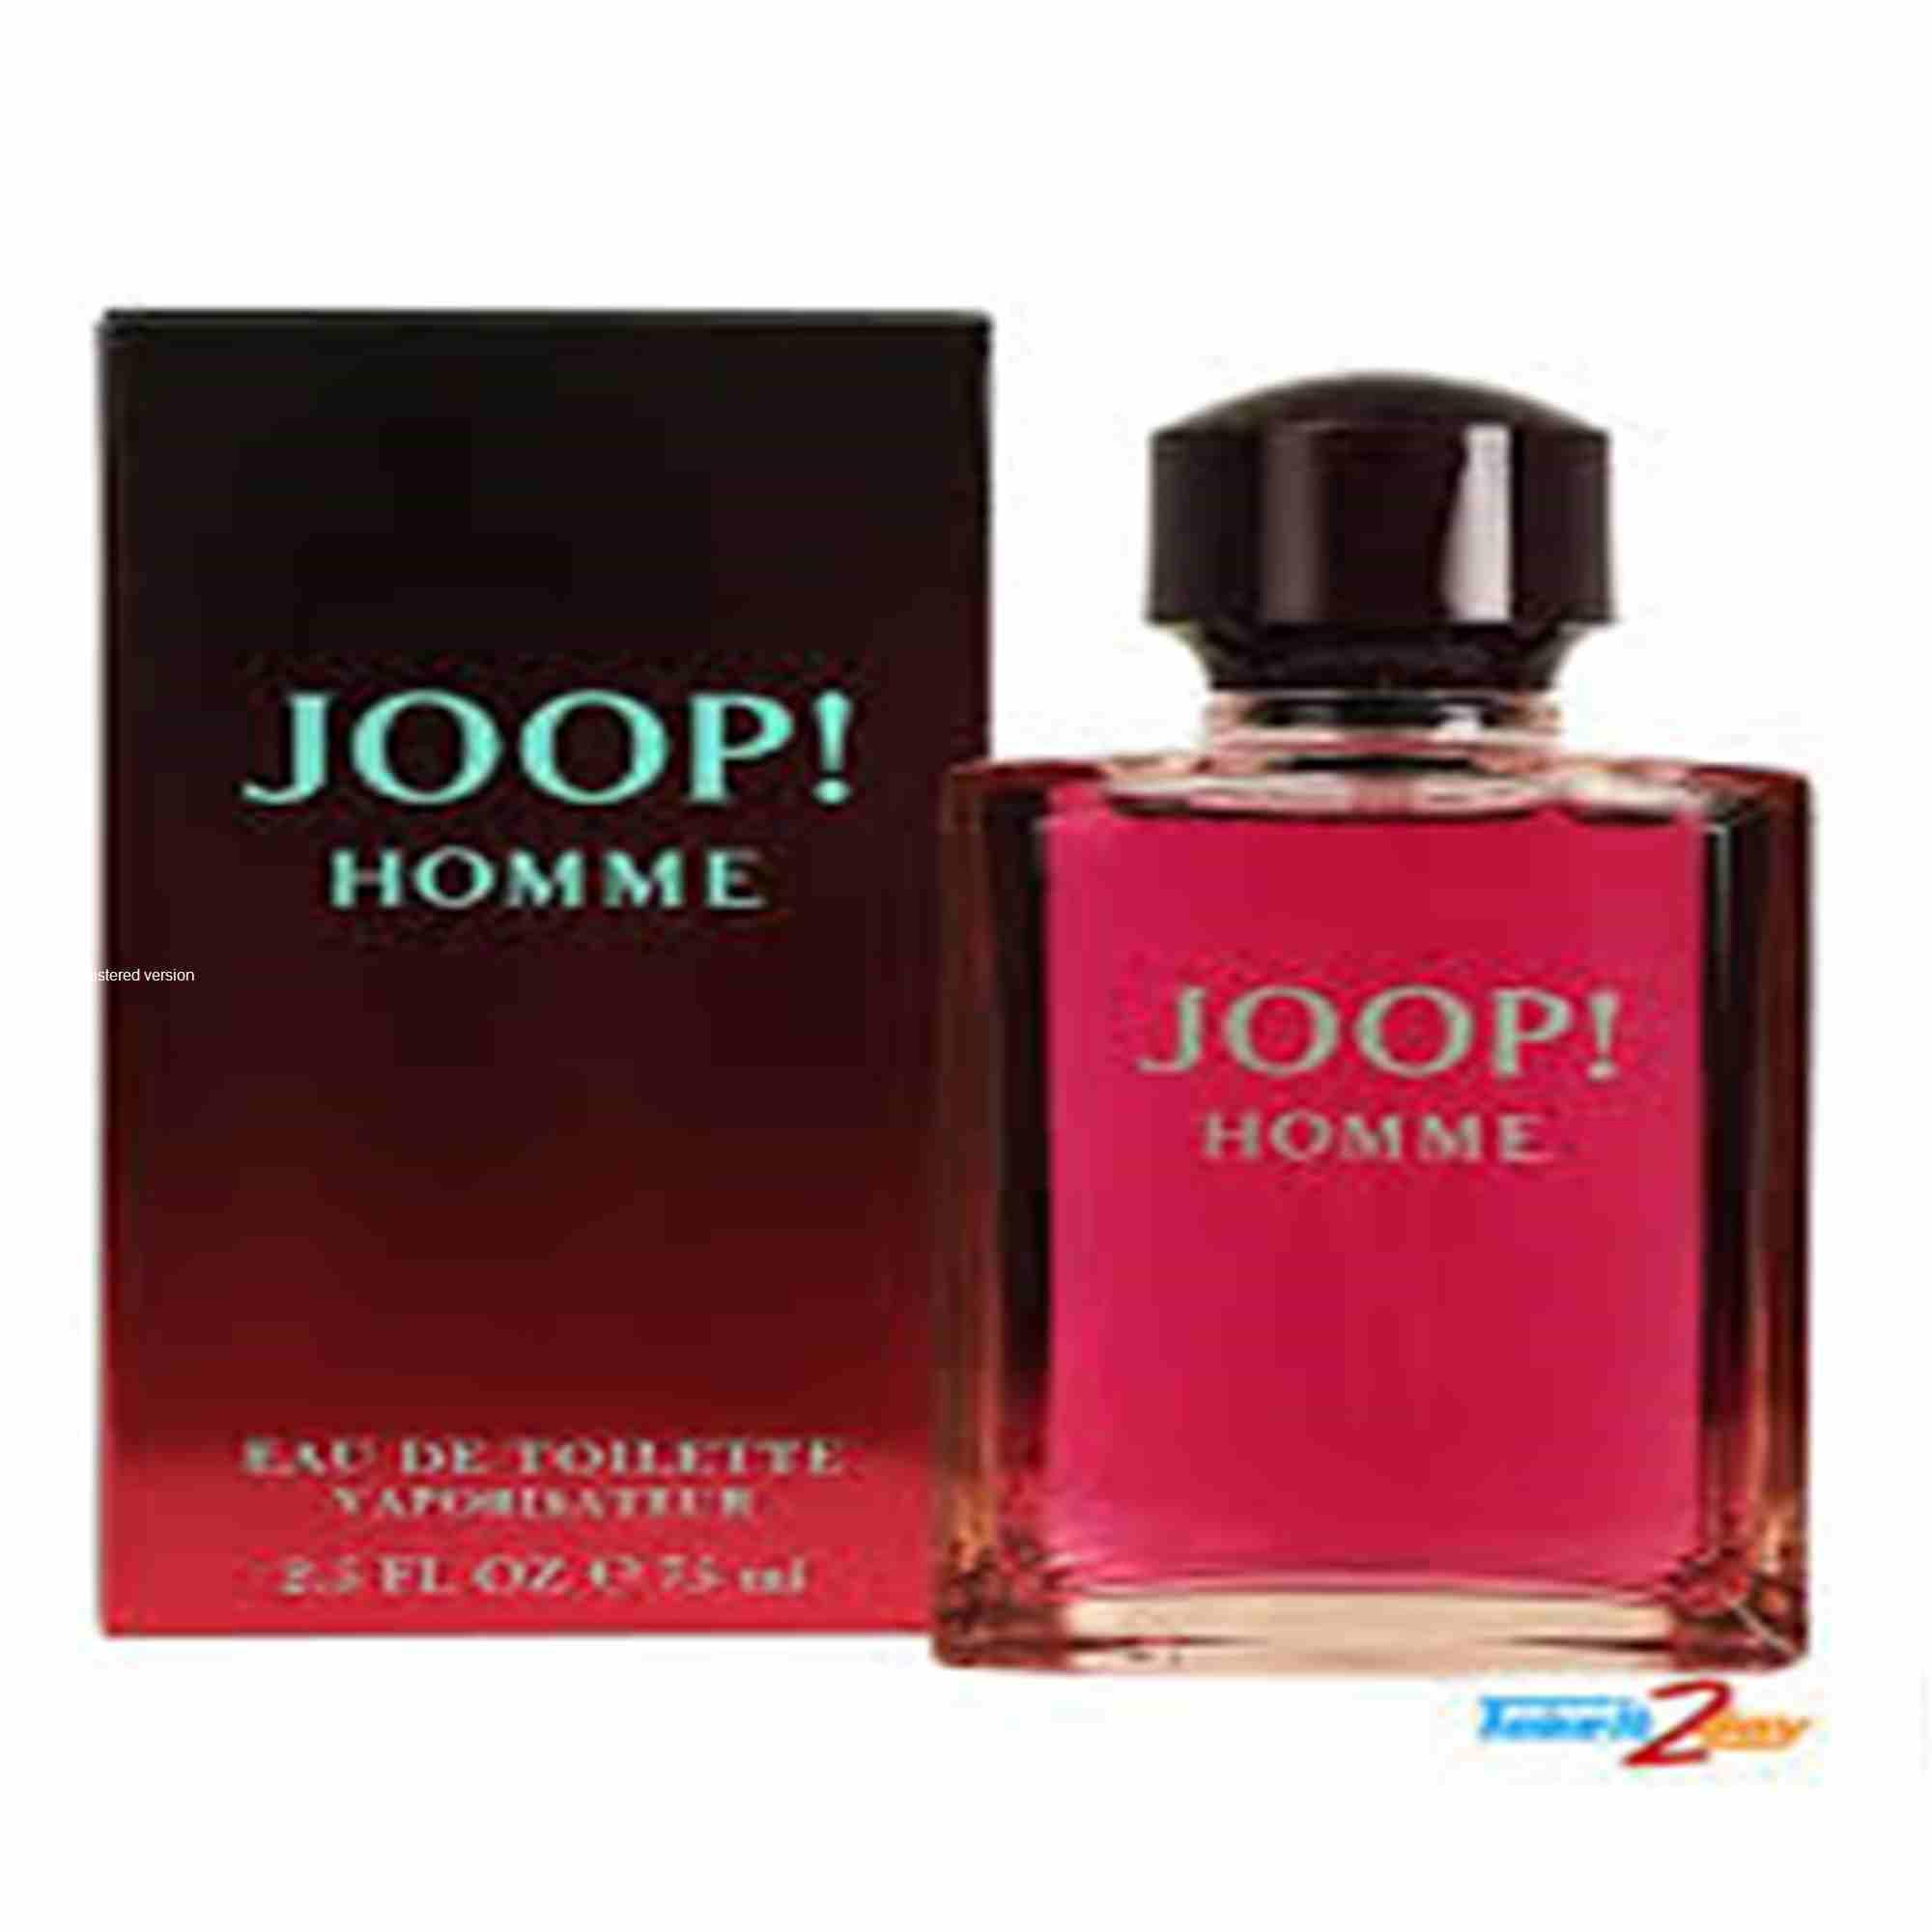 Joop Homme Perfume 125 ml